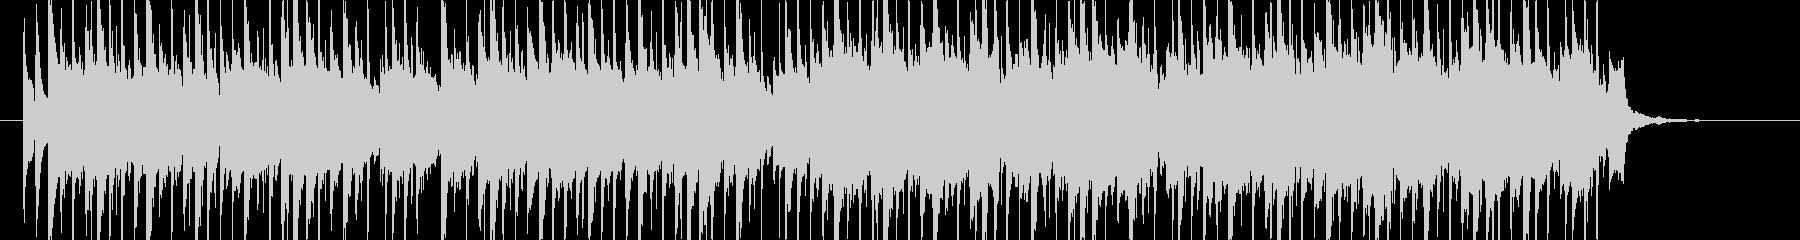 琴を使ったほのぼの和風曲 OP/ED向きの未再生の波形